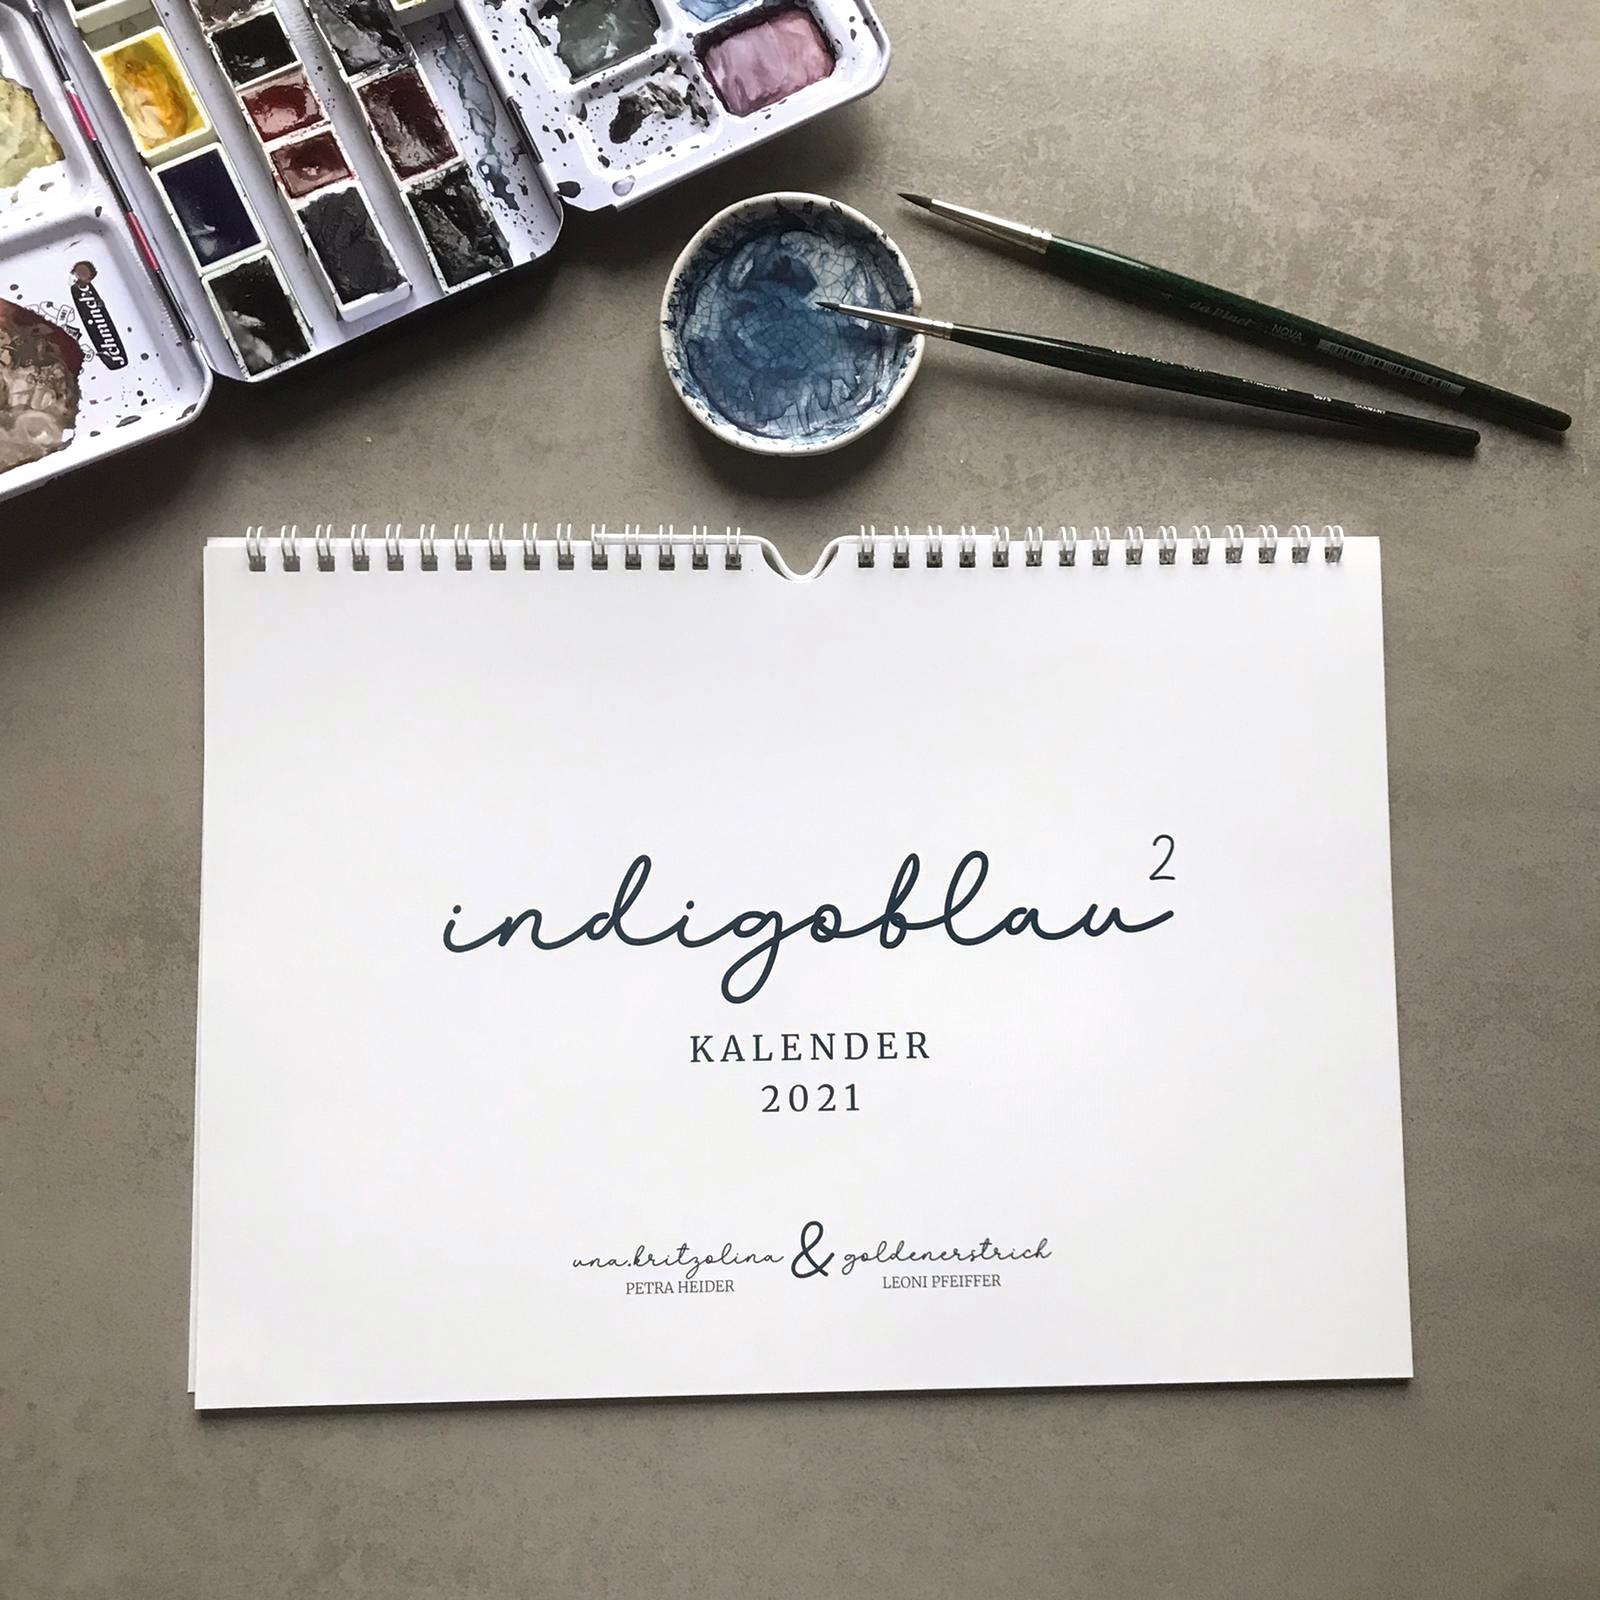 indigoblau hoch 2 - ein besonderer Kalender für 2021